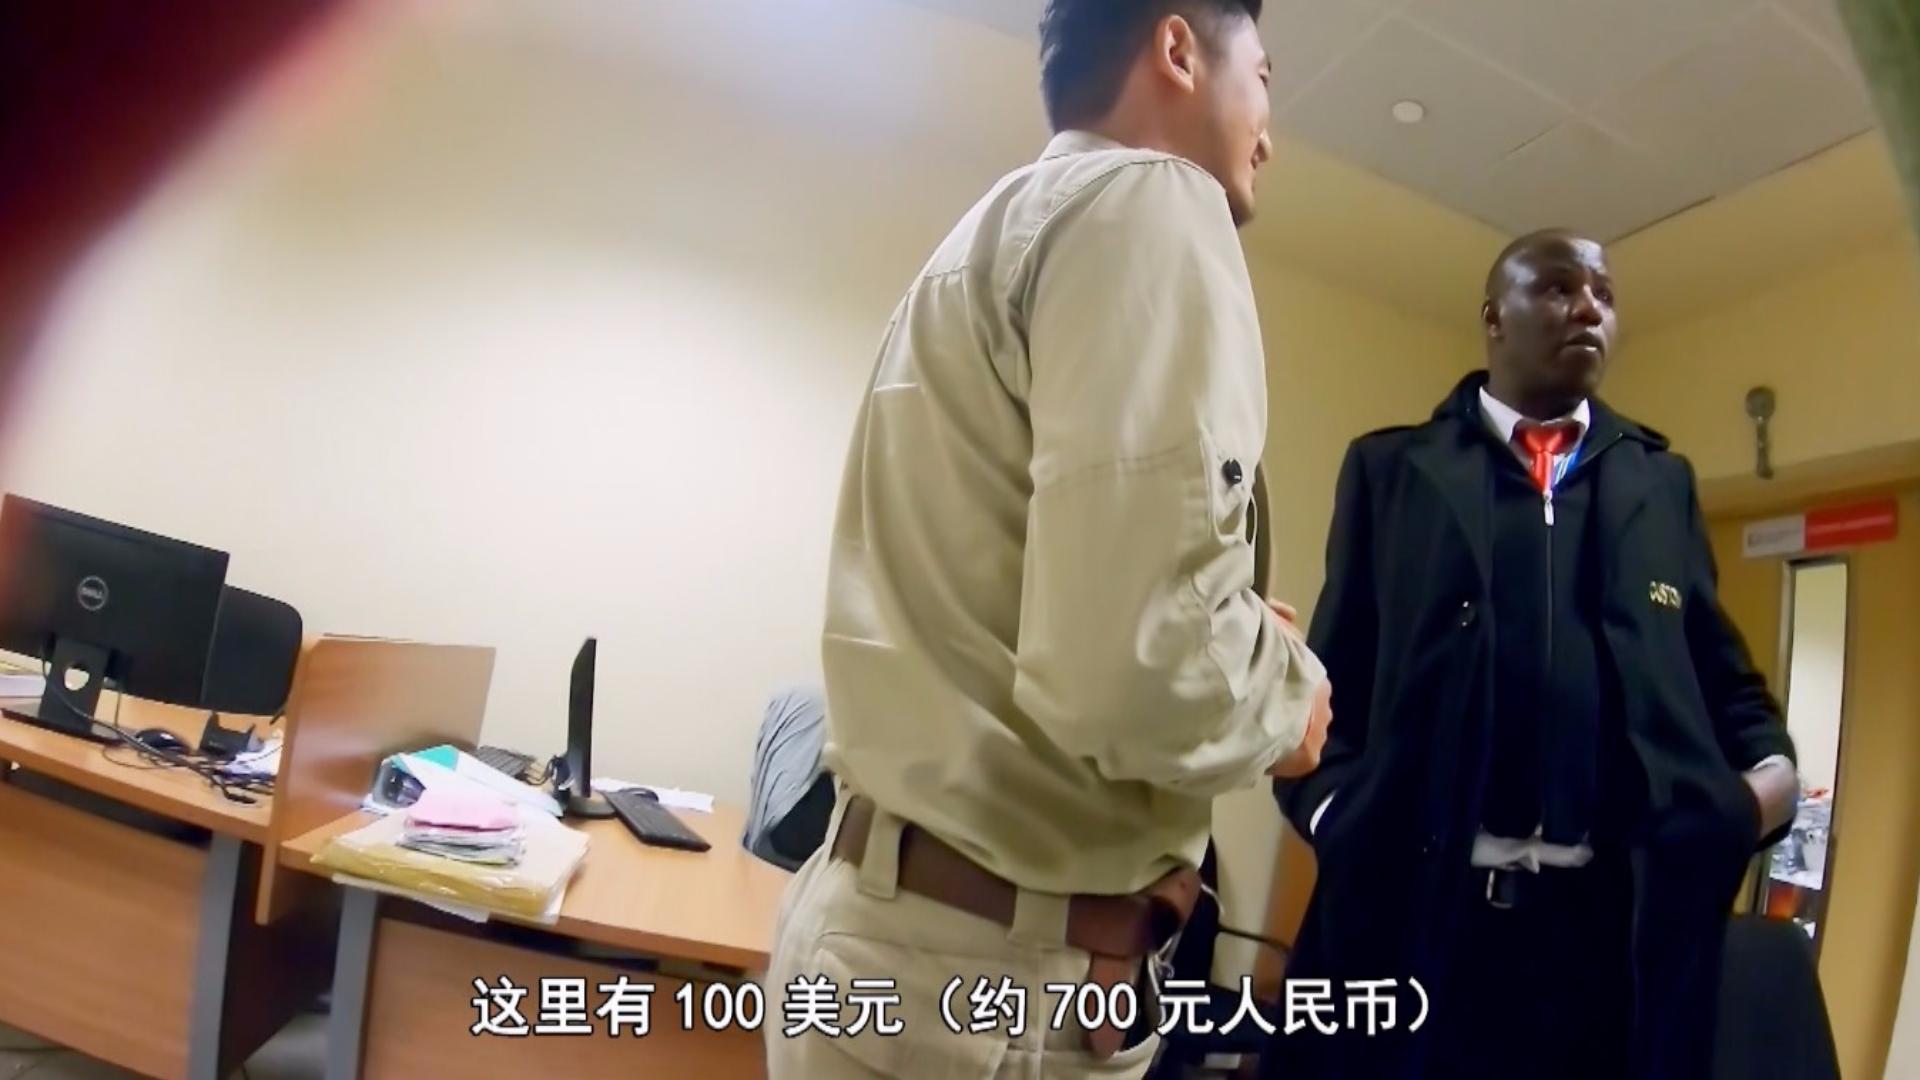 中国小伙非洲旅游,一下飞机就被敲诈,全程记录小黑屋索贿经过